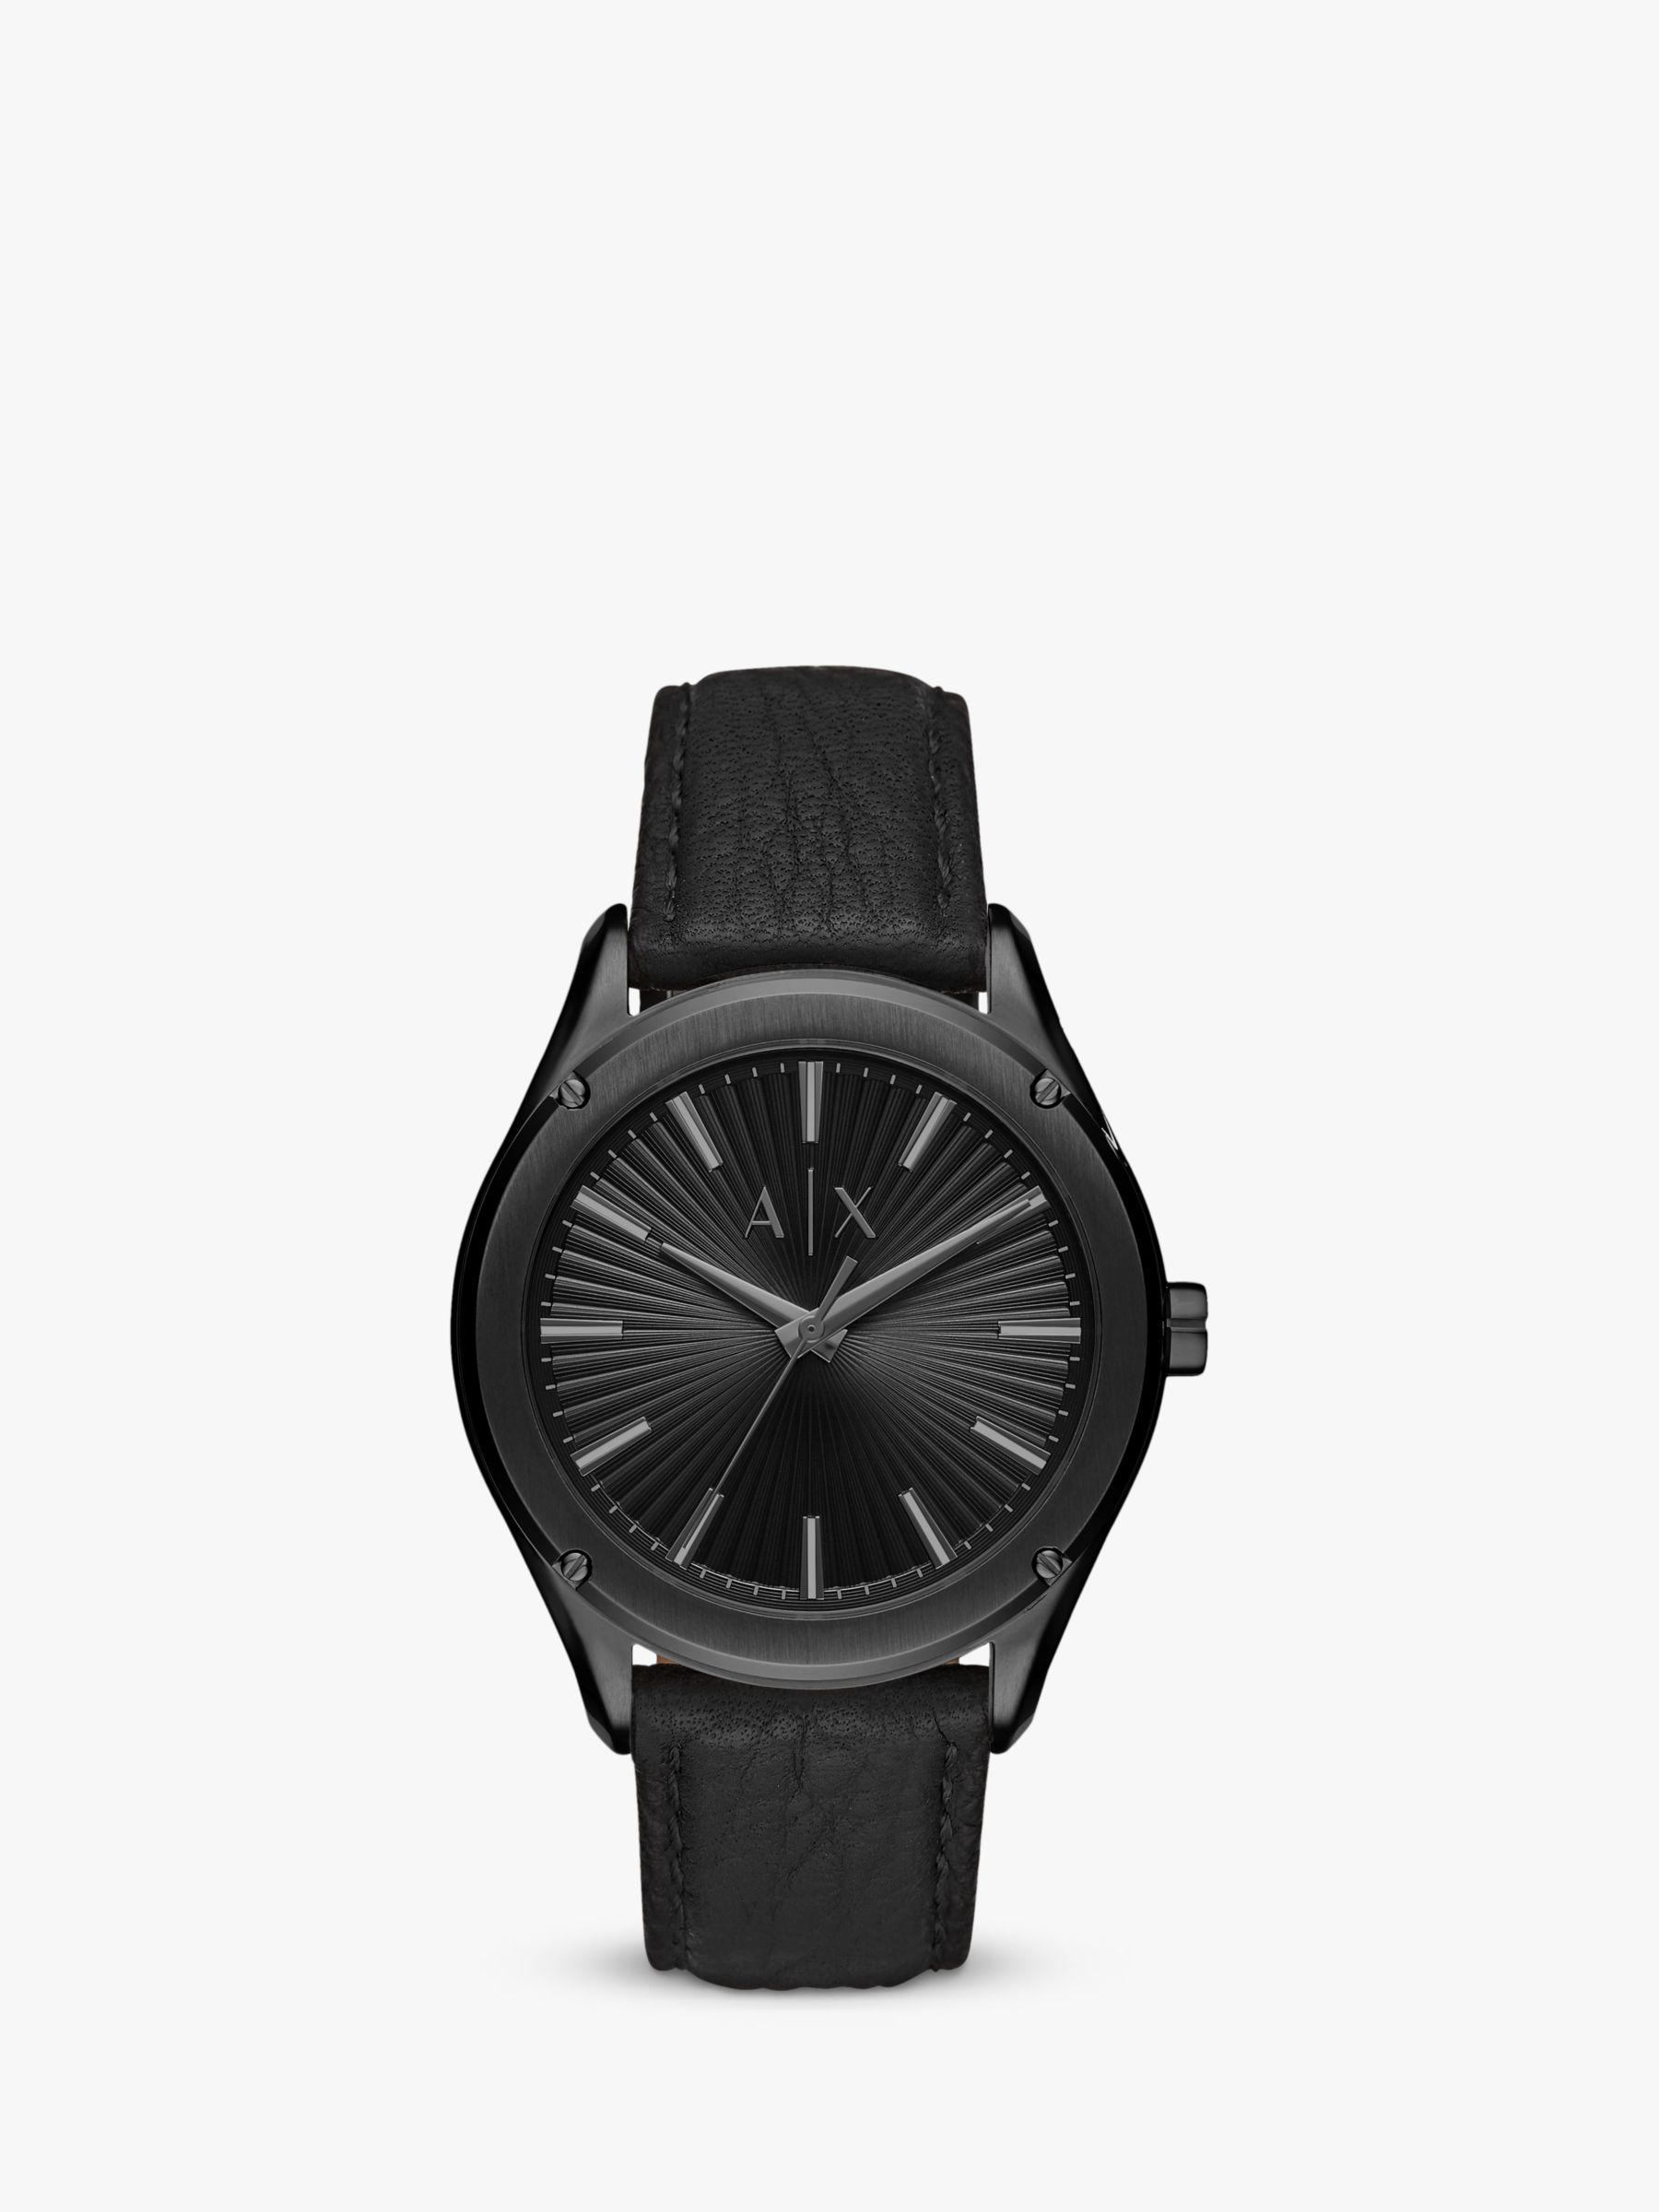 Armani Exchange Armani Exchange AX2805 Men's Leather Strap Watch, Black